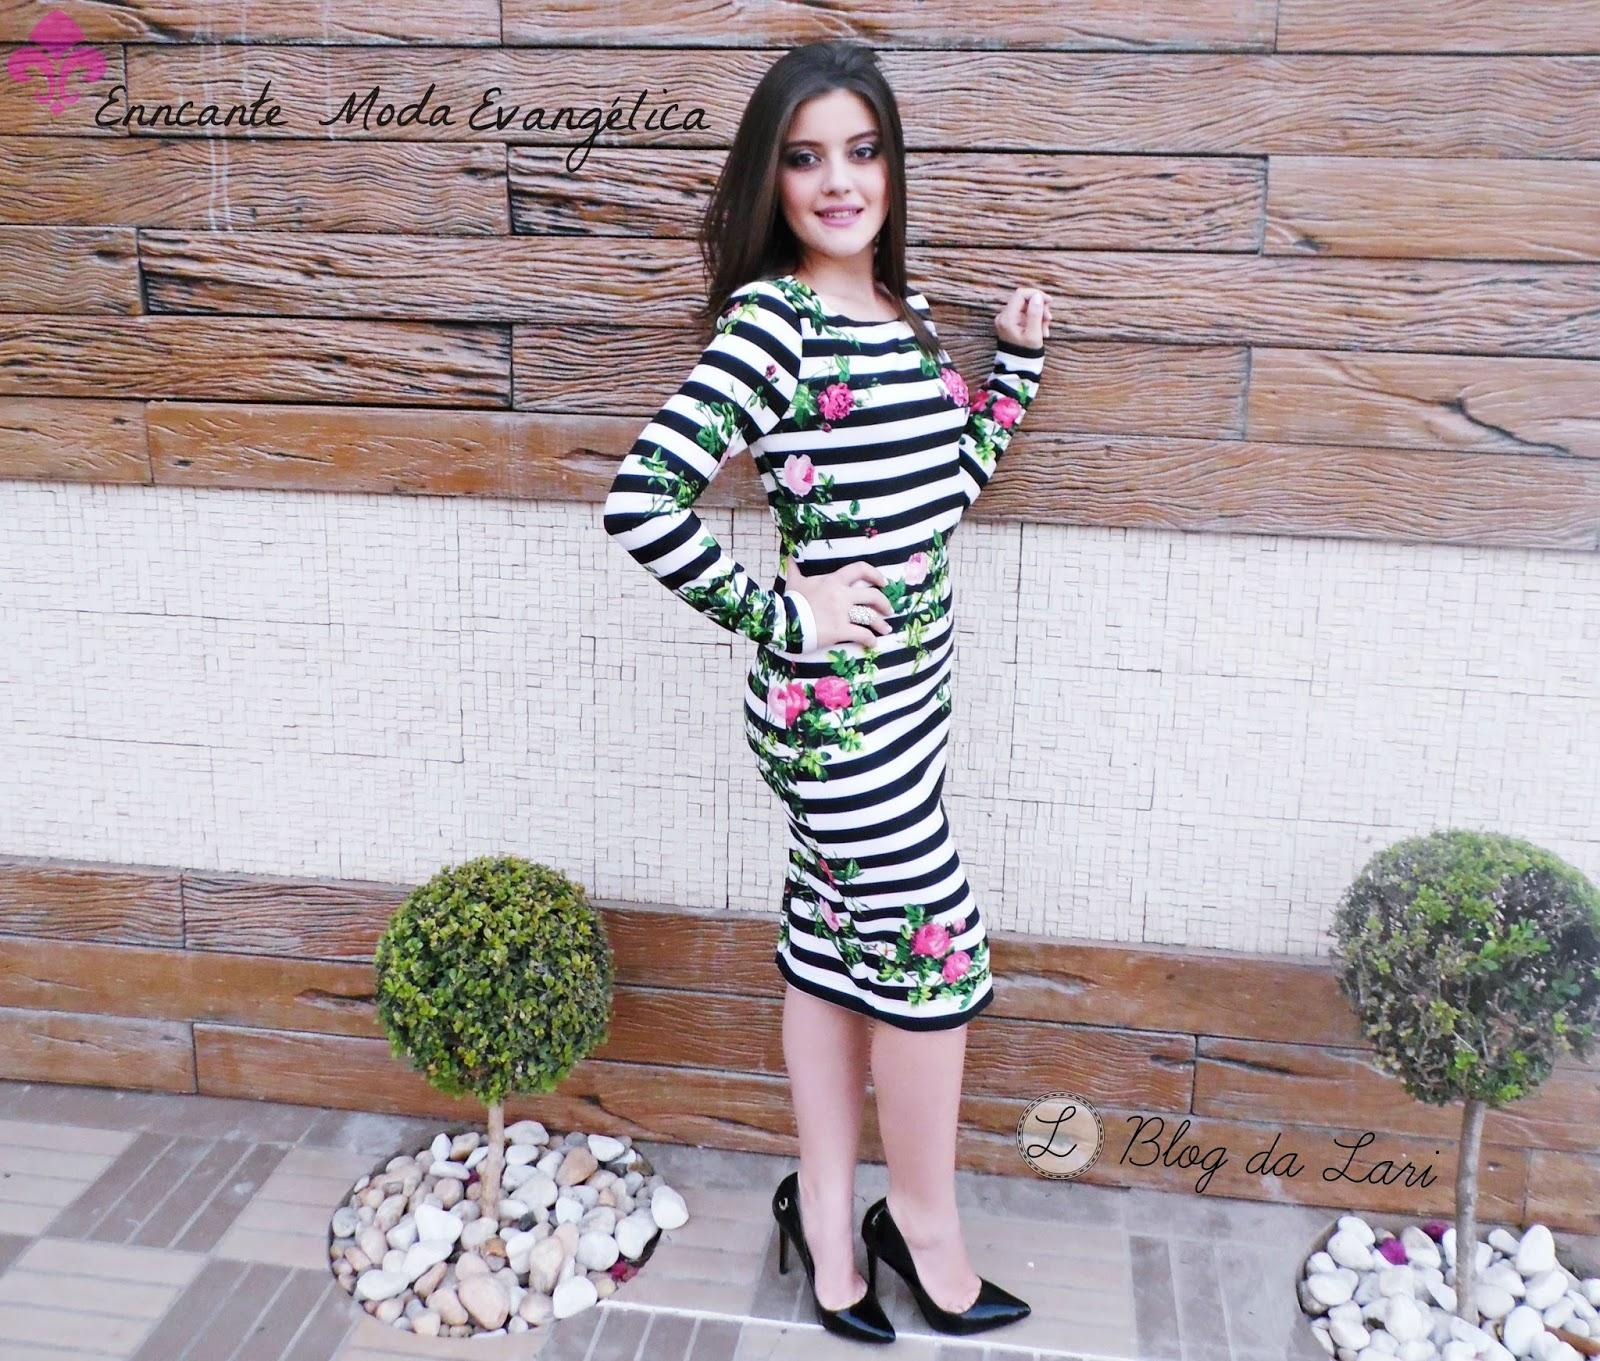 33b8158a87e Blog da Lari  Look do dia  Vestido Marina - Enncante Moda Evangélica